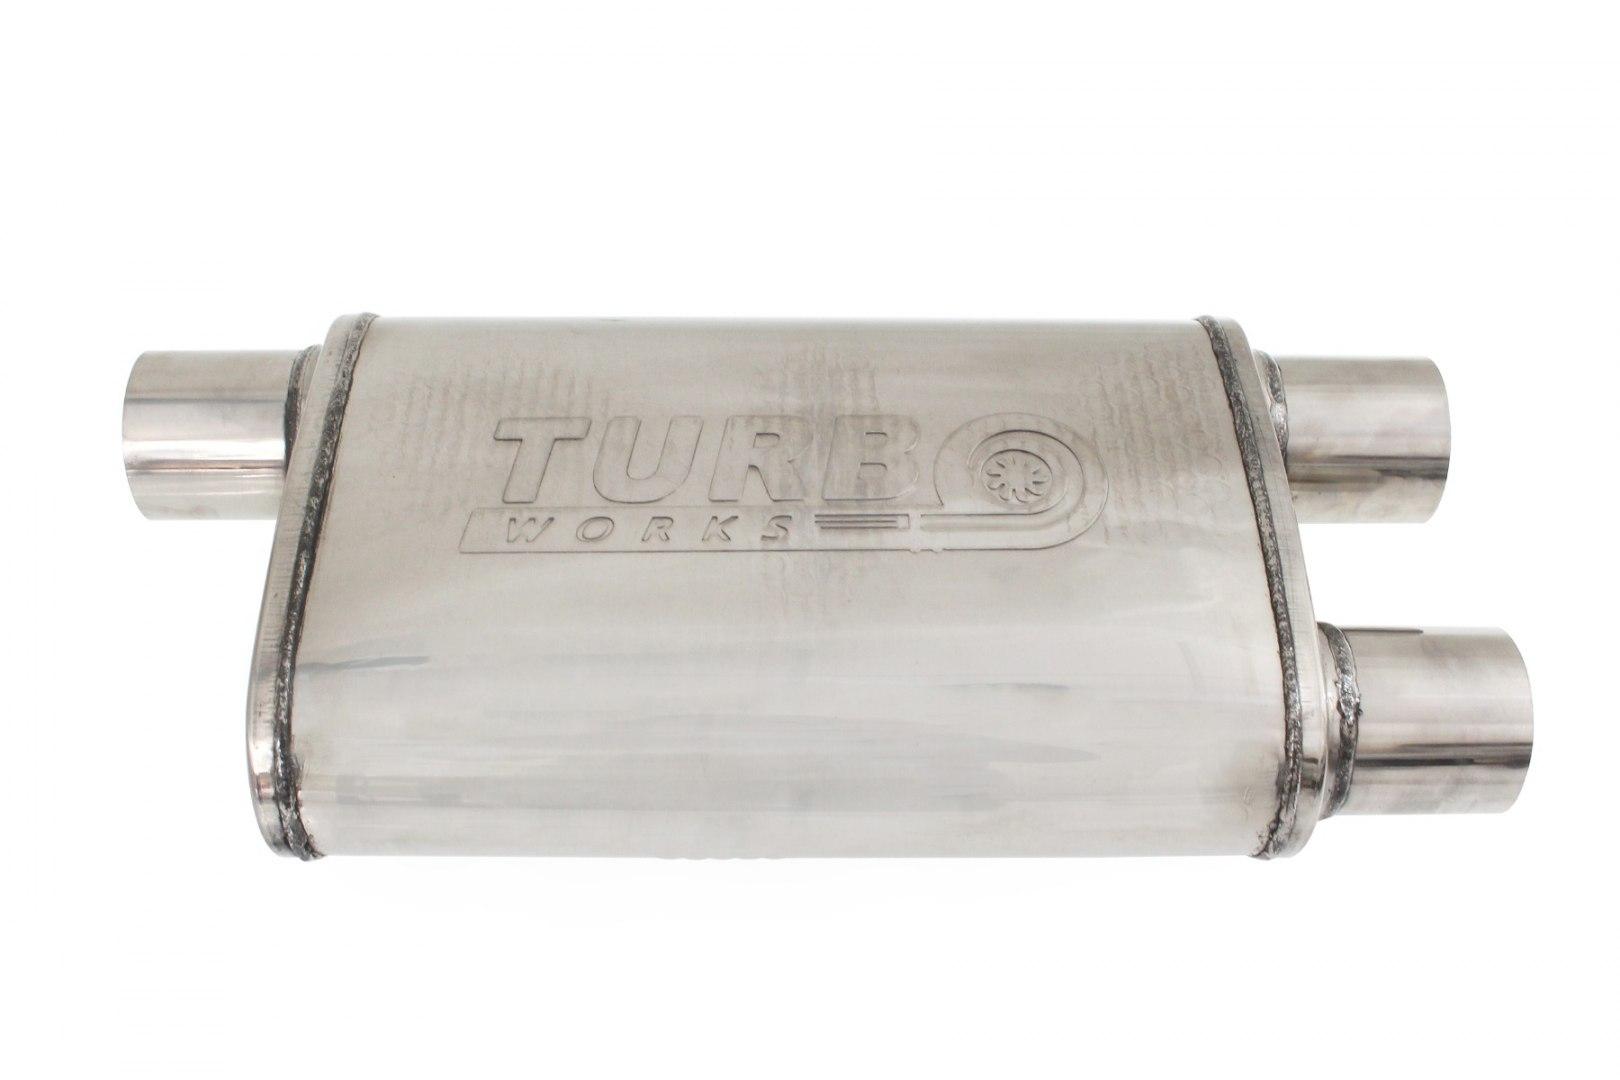 Tłumik Środkowy Tylny 63,5mm TurboWorks LT 409SS - GRUBYGARAGE - Sklep Tuningowy